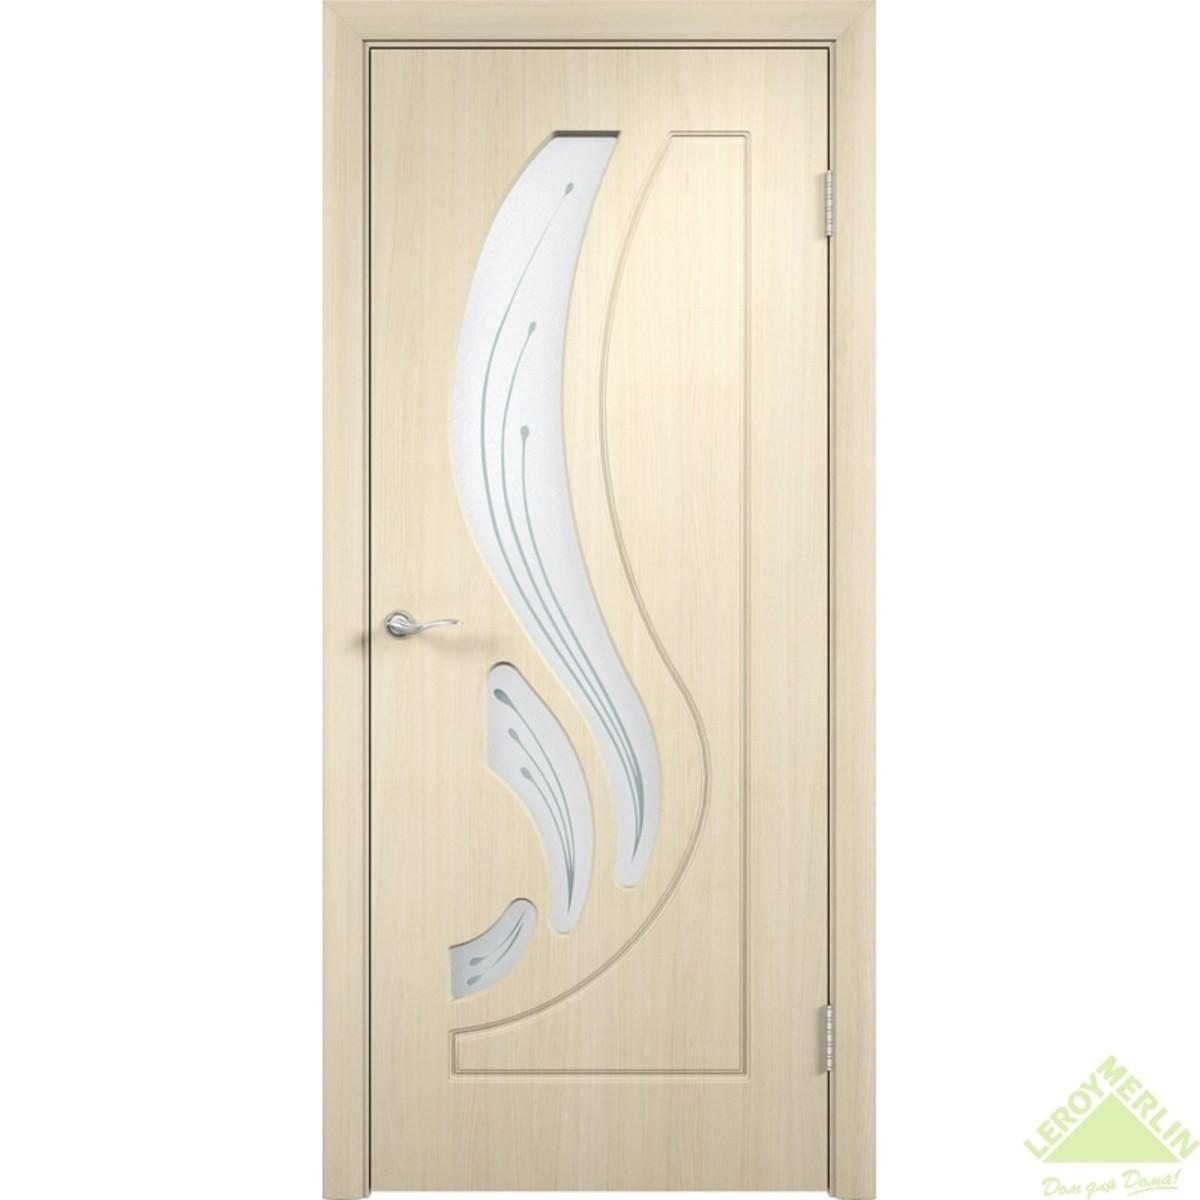 Дверное полотно остеклённое Лиана Сатинато 700x2000 мм ПВХ белёный дуб